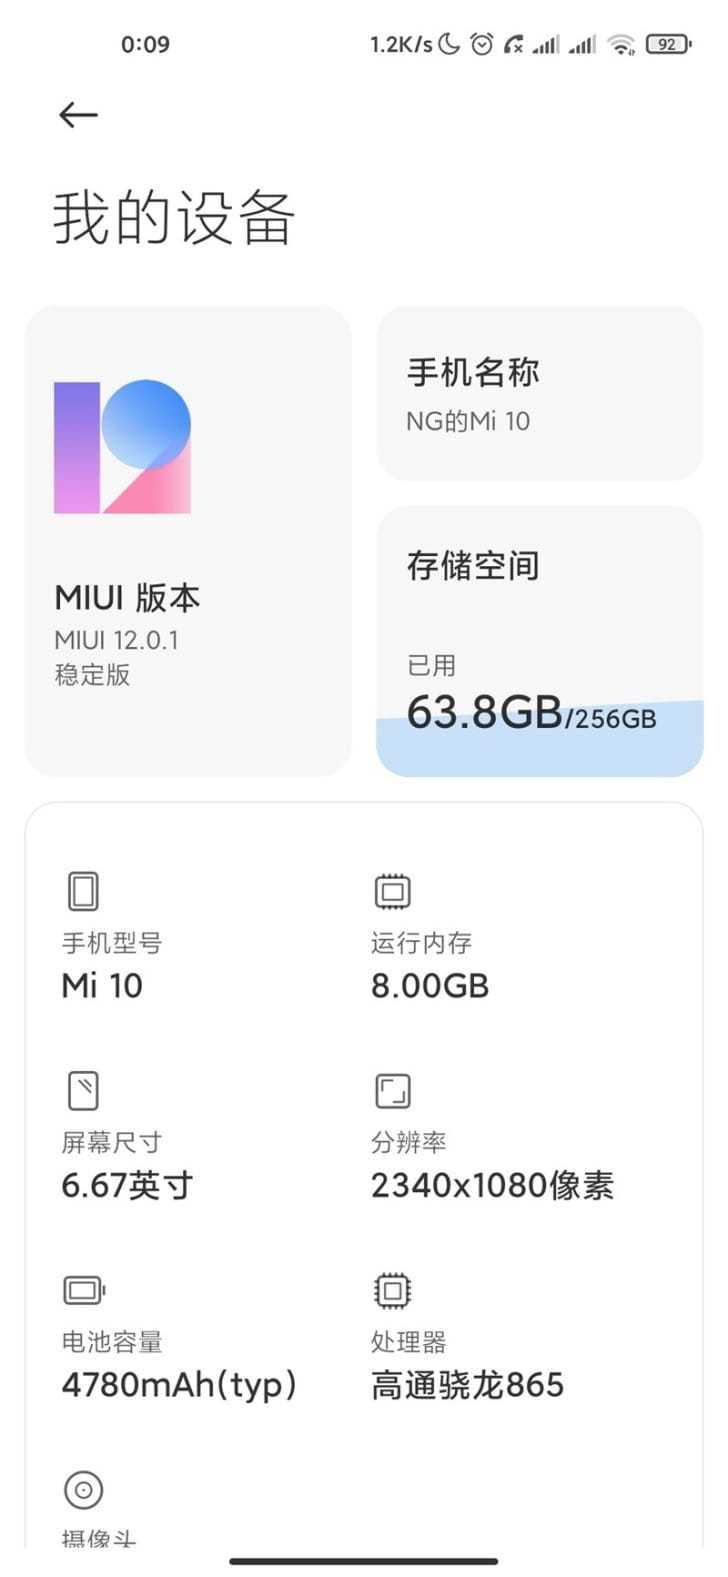 Ссылки на прошивку miui 12 на все смартфоны xiaomi и redmi